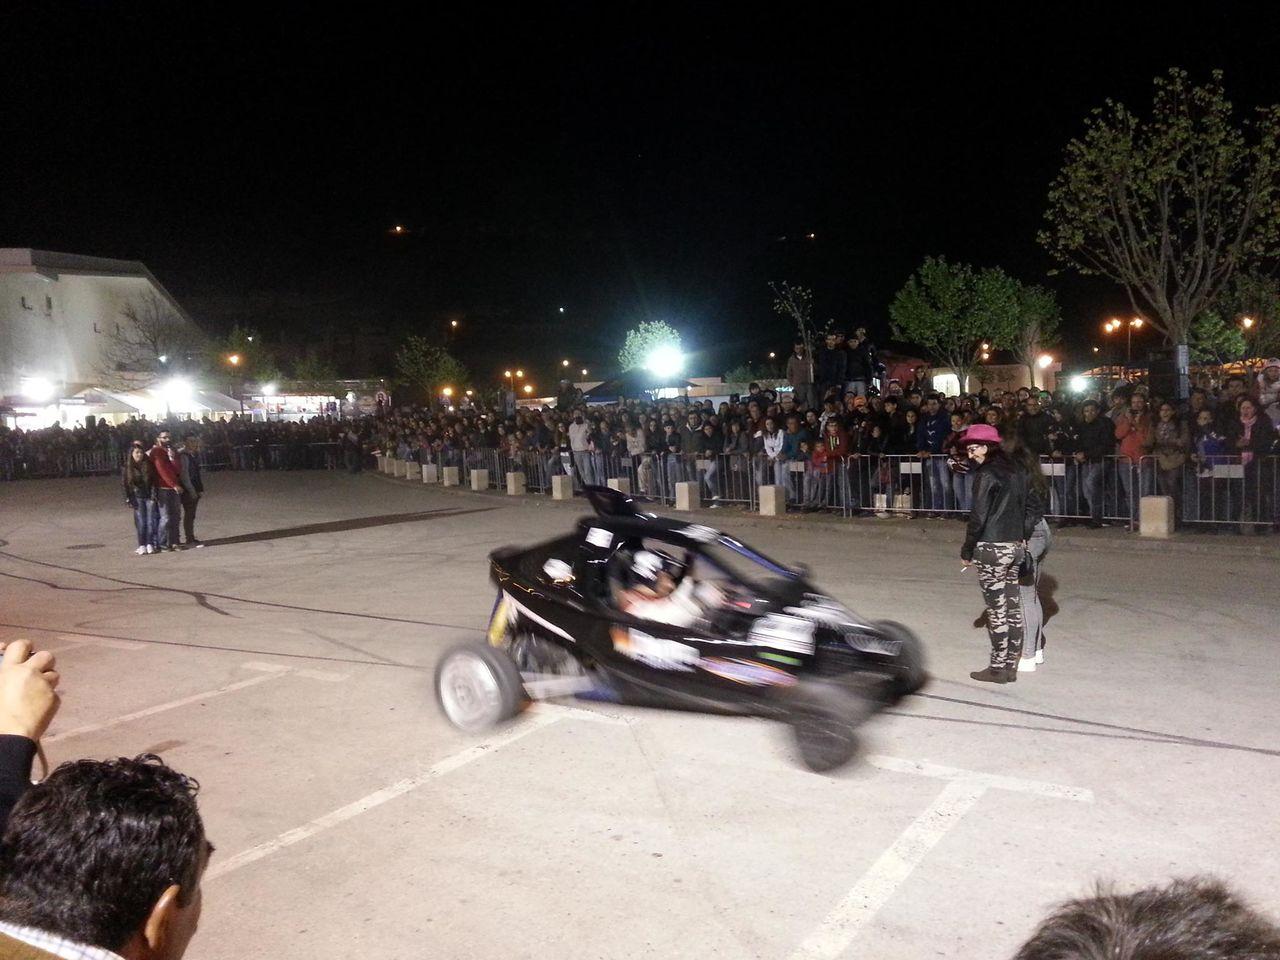 [CRÓNICA] - Dia Nacional do Motociclista 2015 - Torres Vedras 11144593_909343542438373_259069807_o